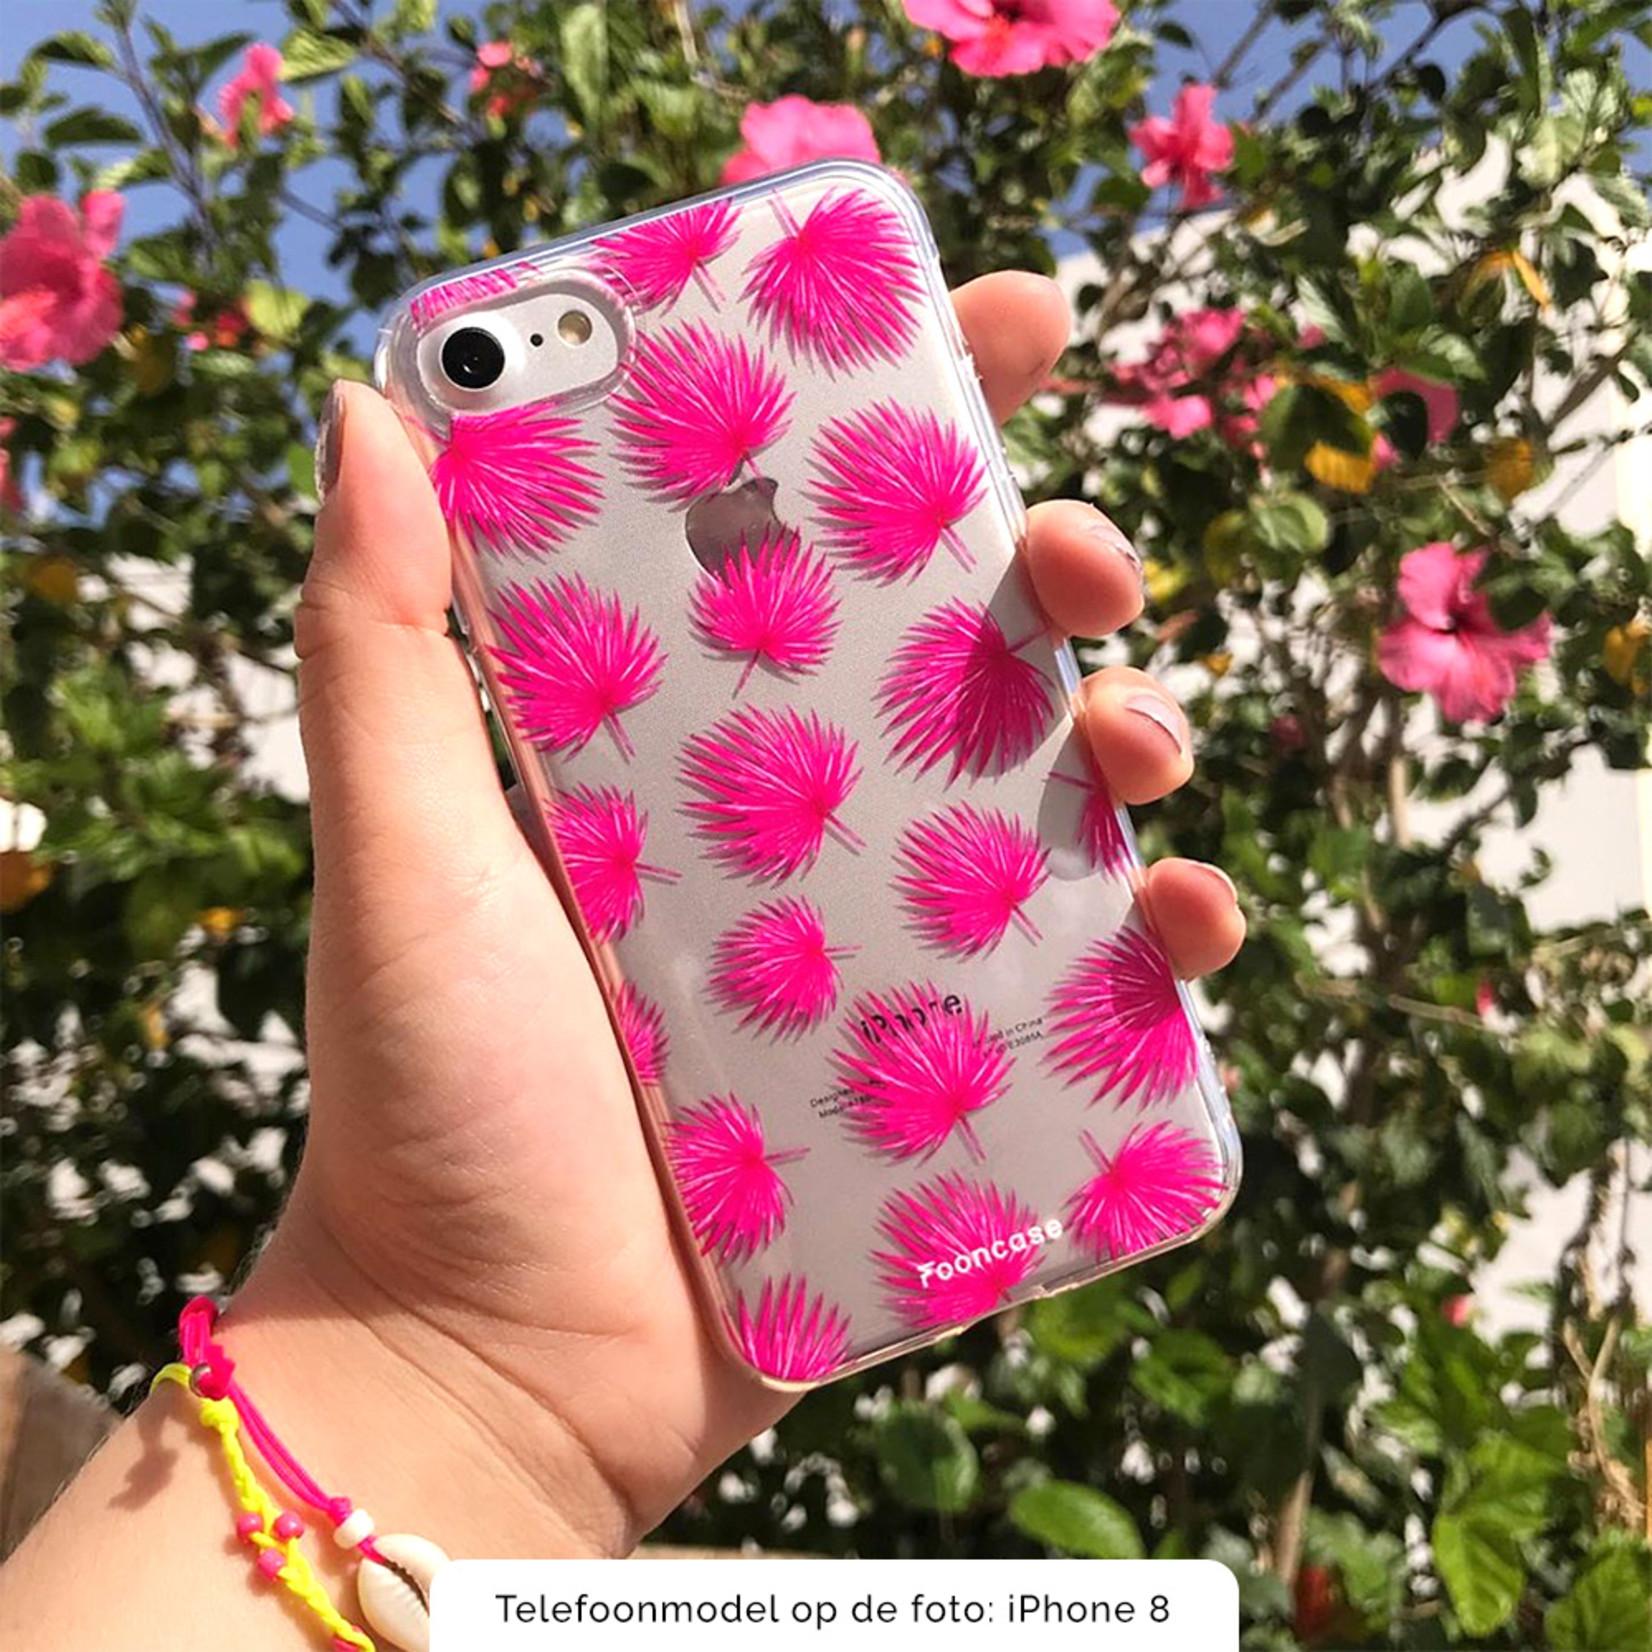 FOONCASE Samsung Galaxy J5 2017 - Rosa Blätter